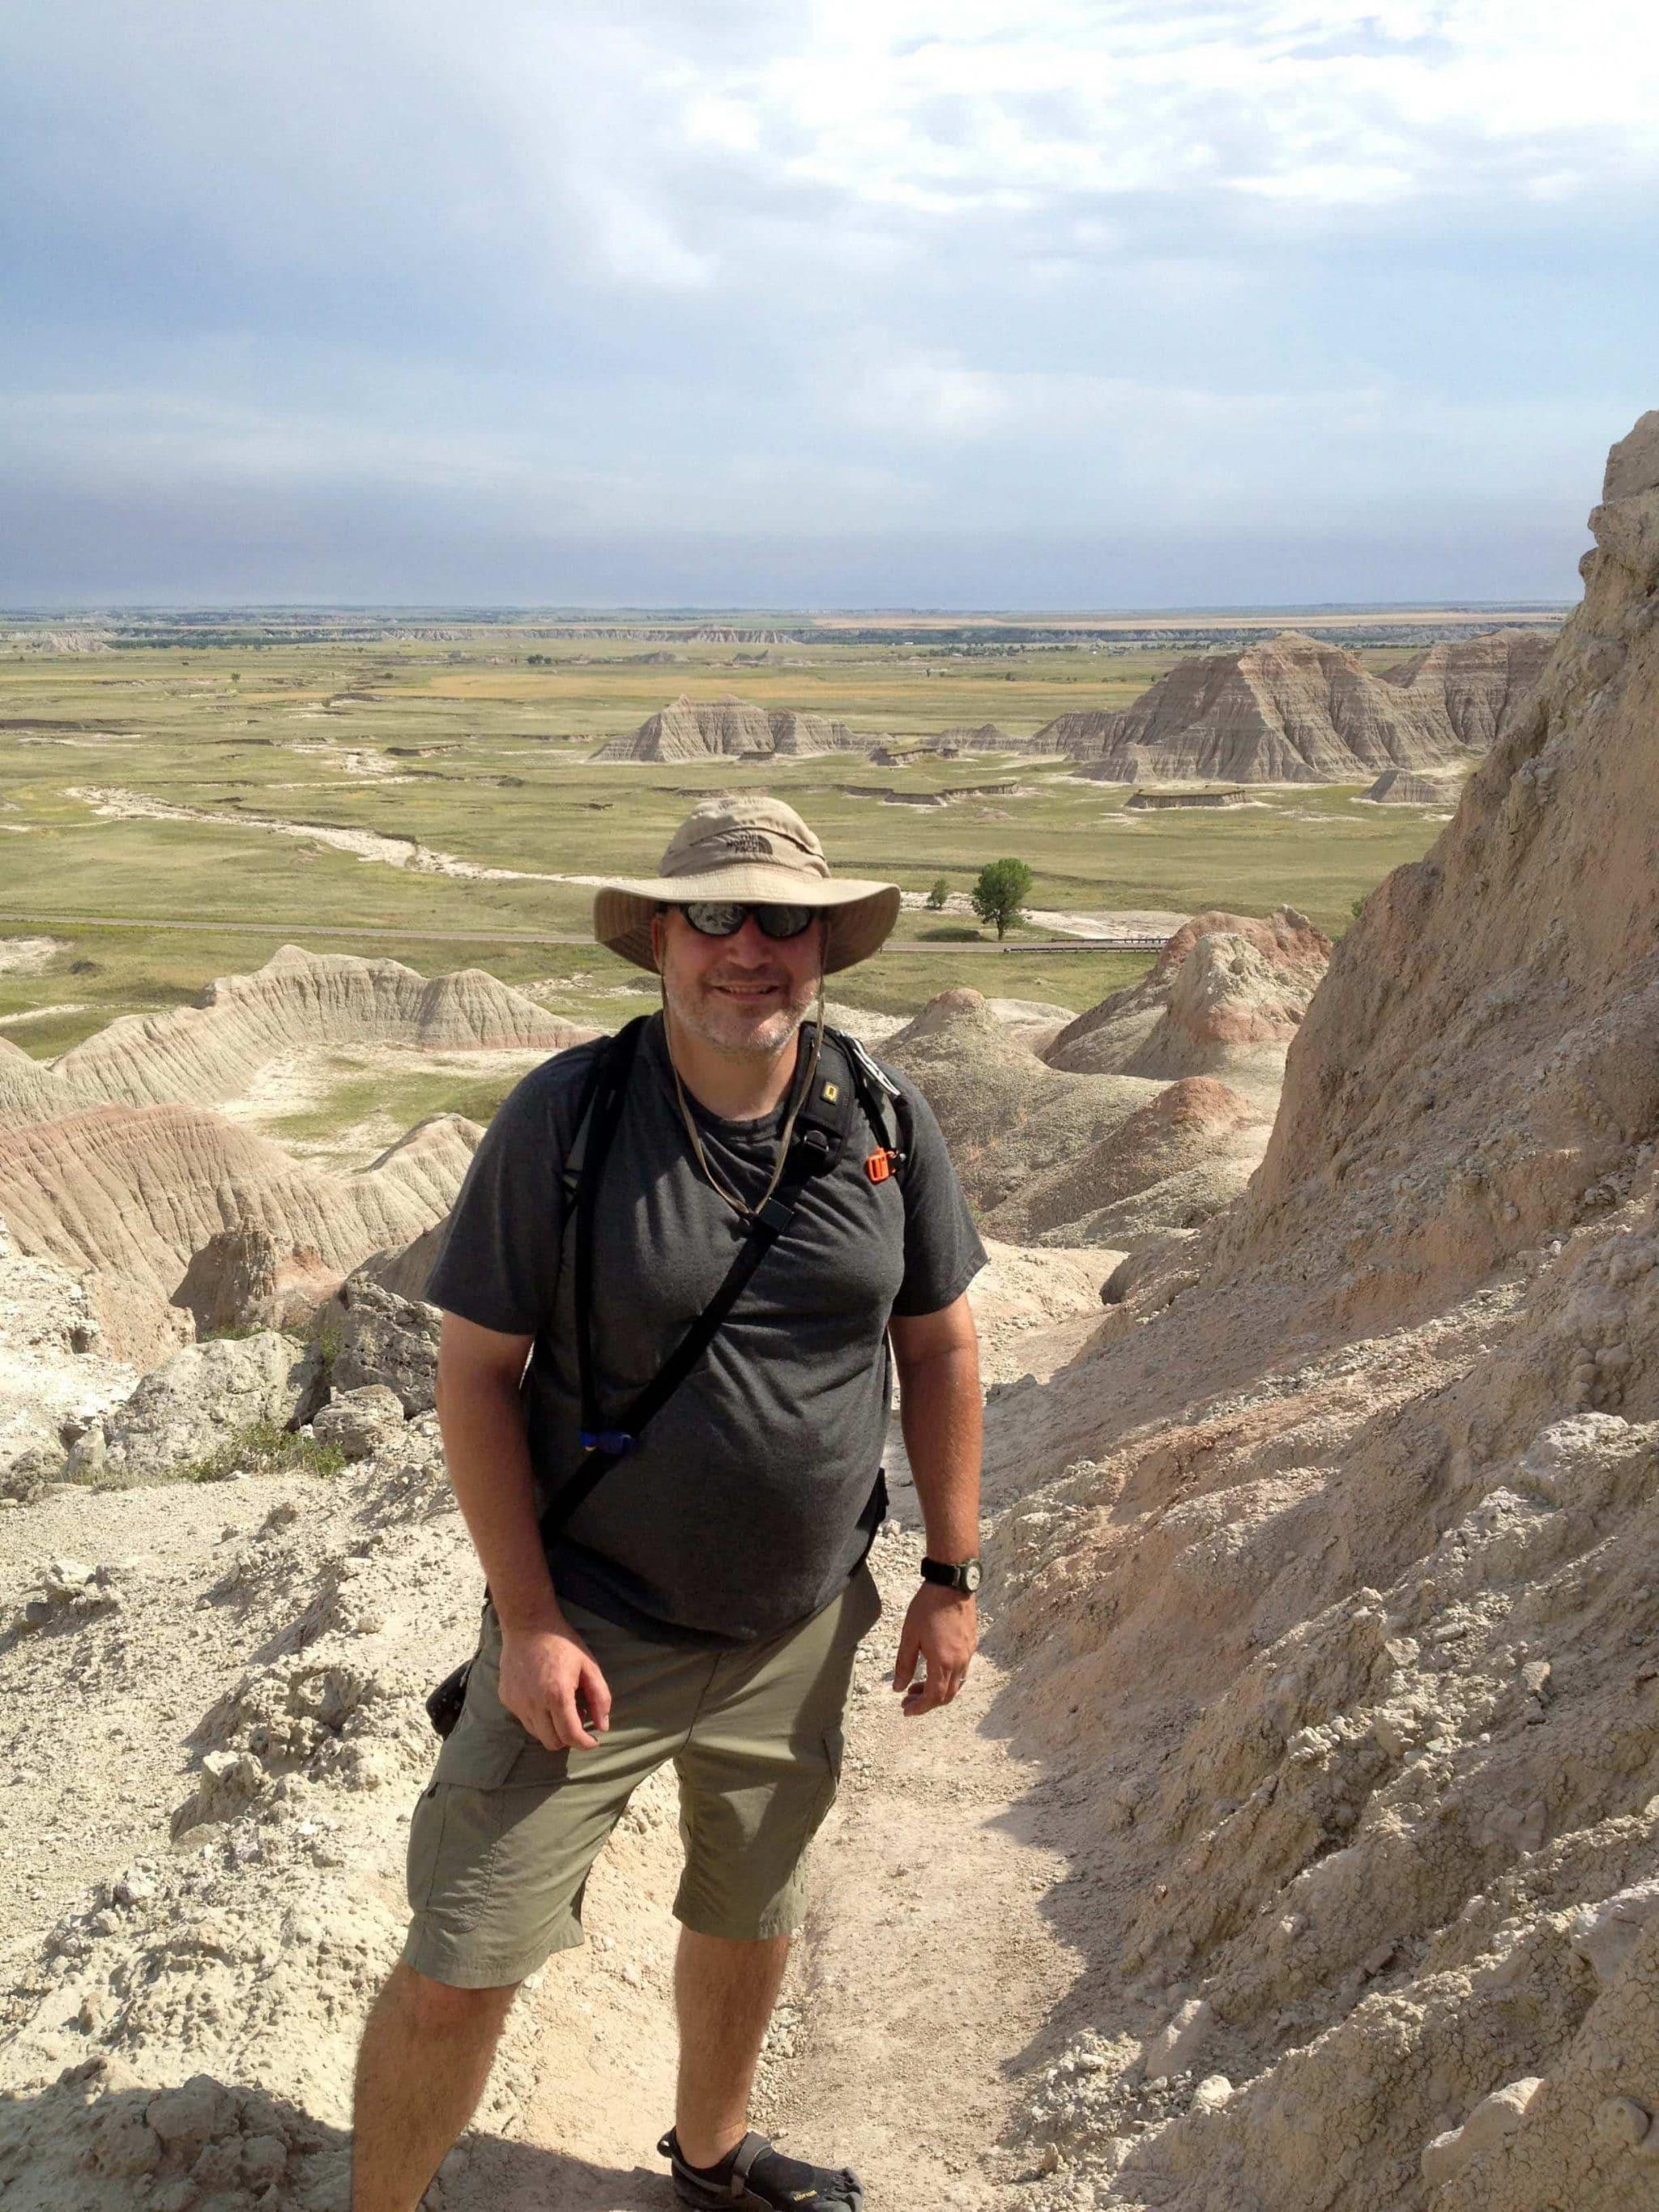 Grant hiking in Badlands National Park